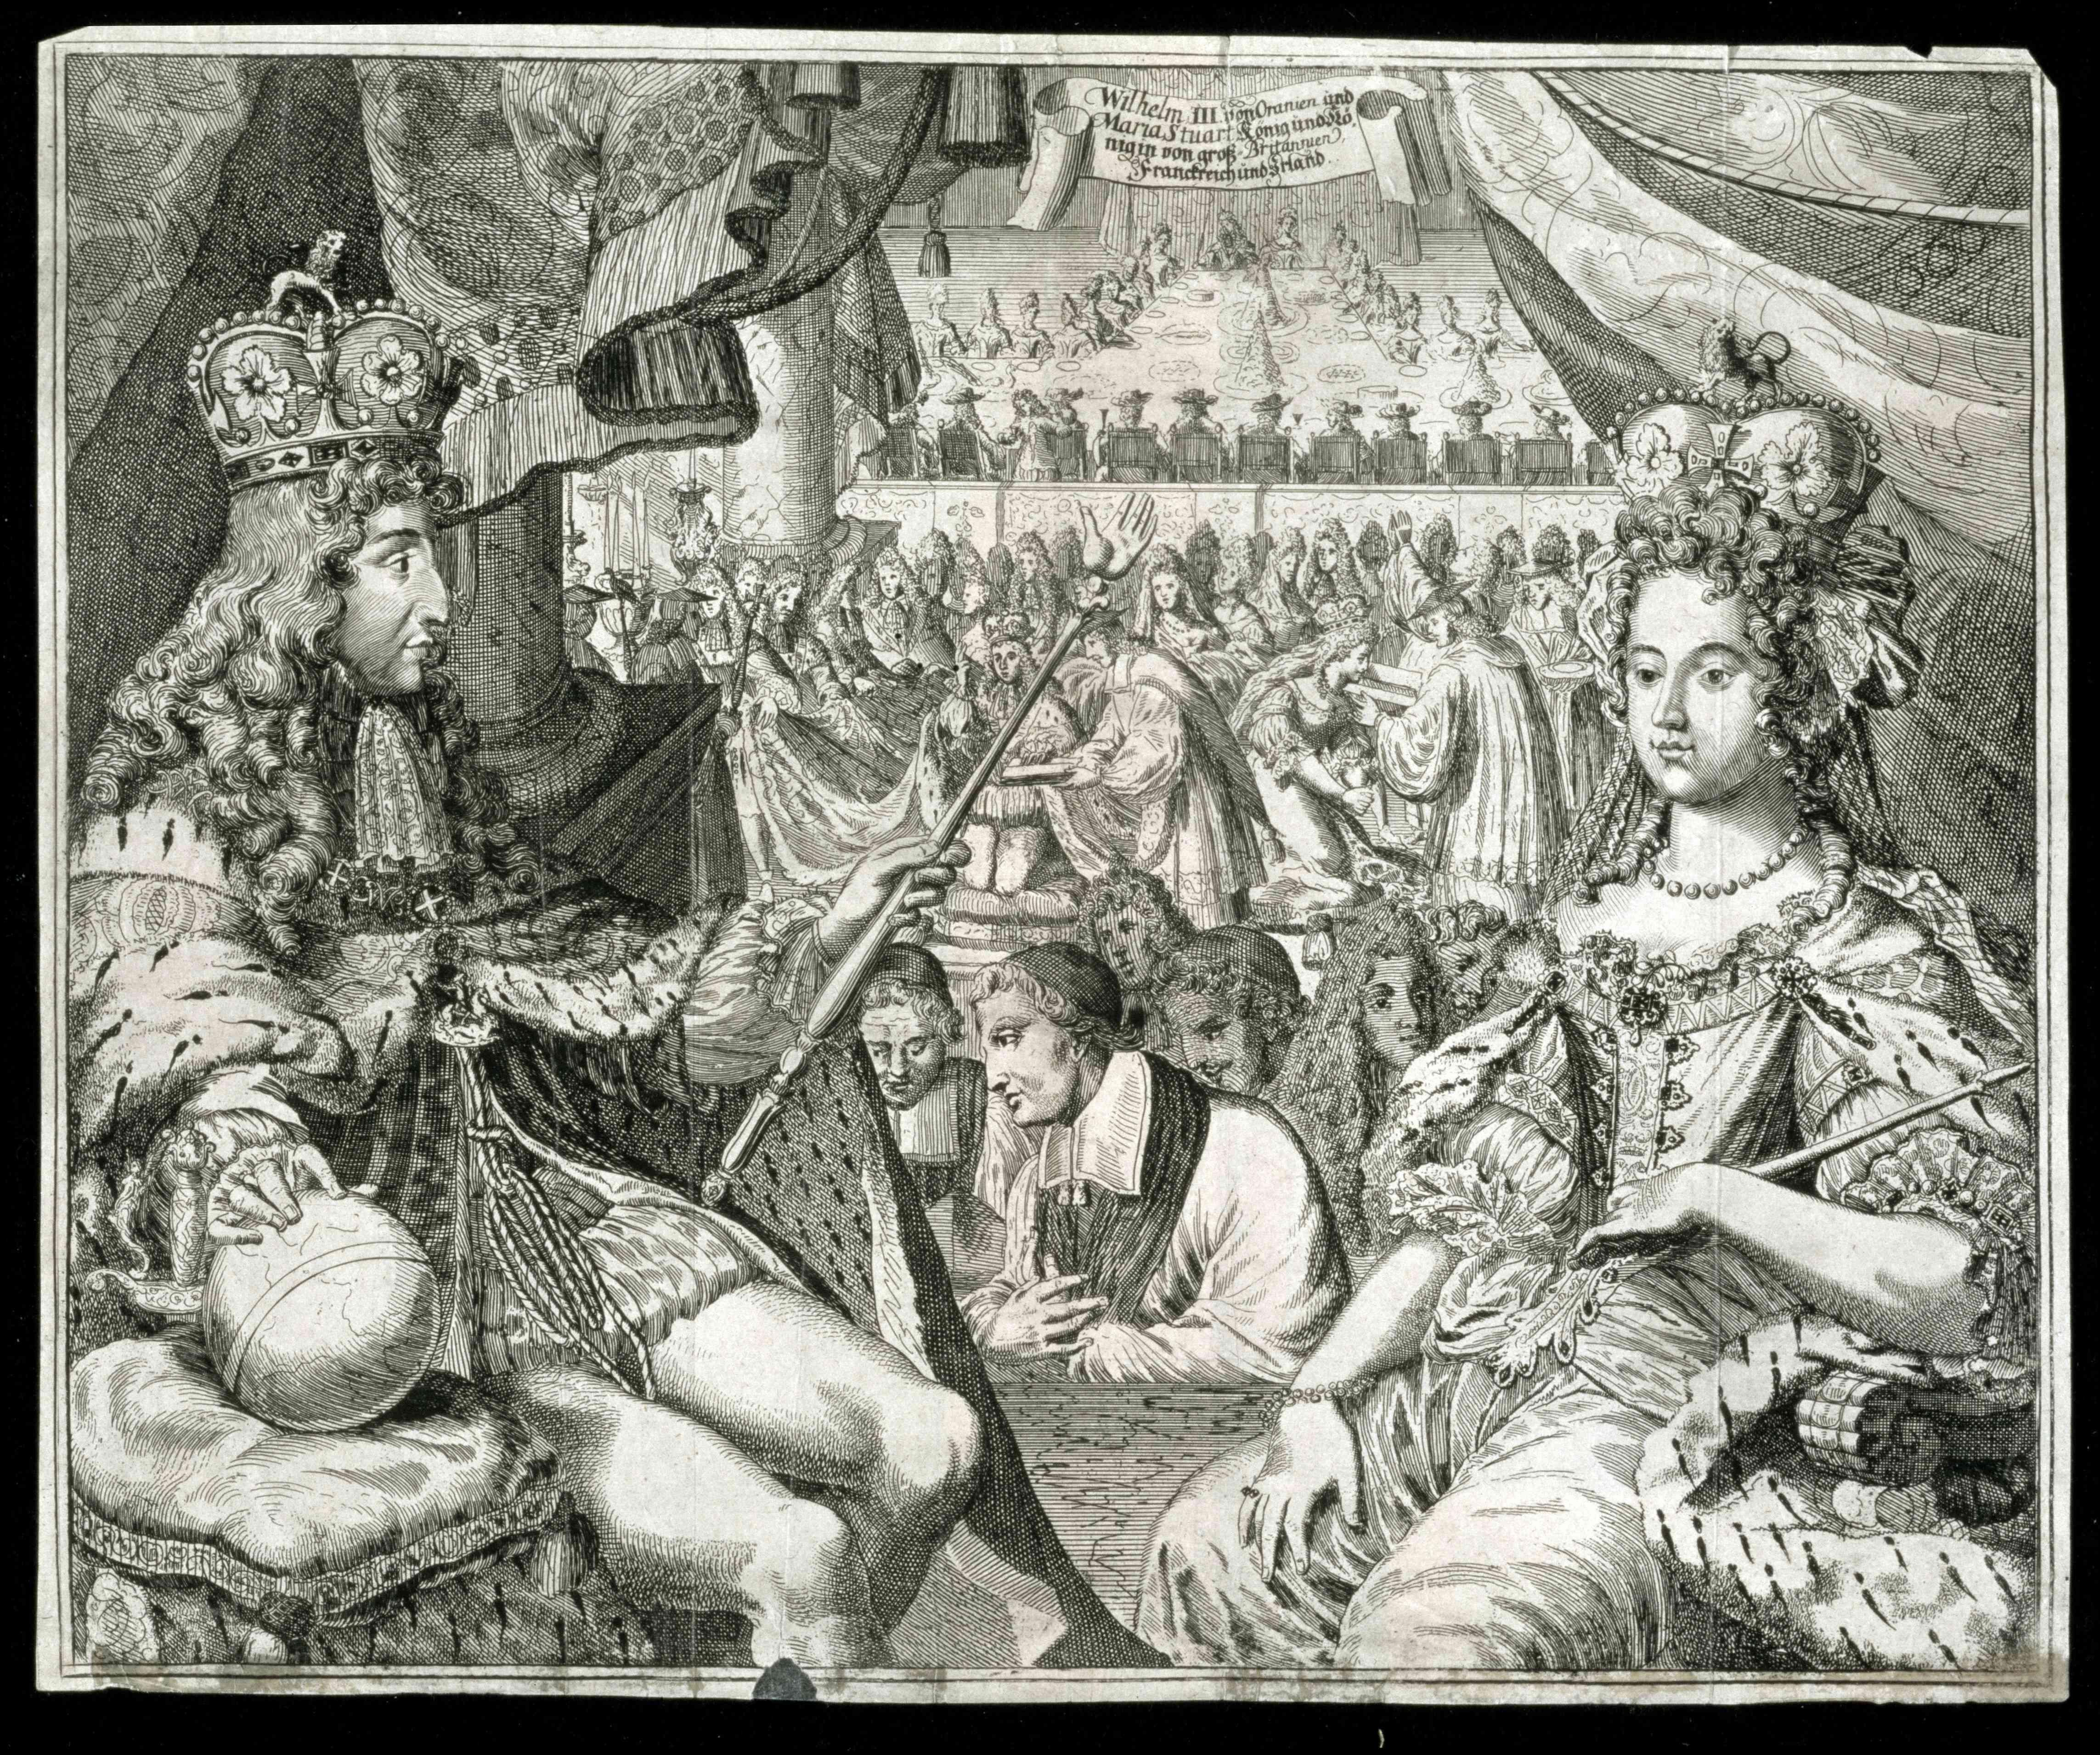 William III und Mary II König und Königin von Großbritannien und Irland um 1689